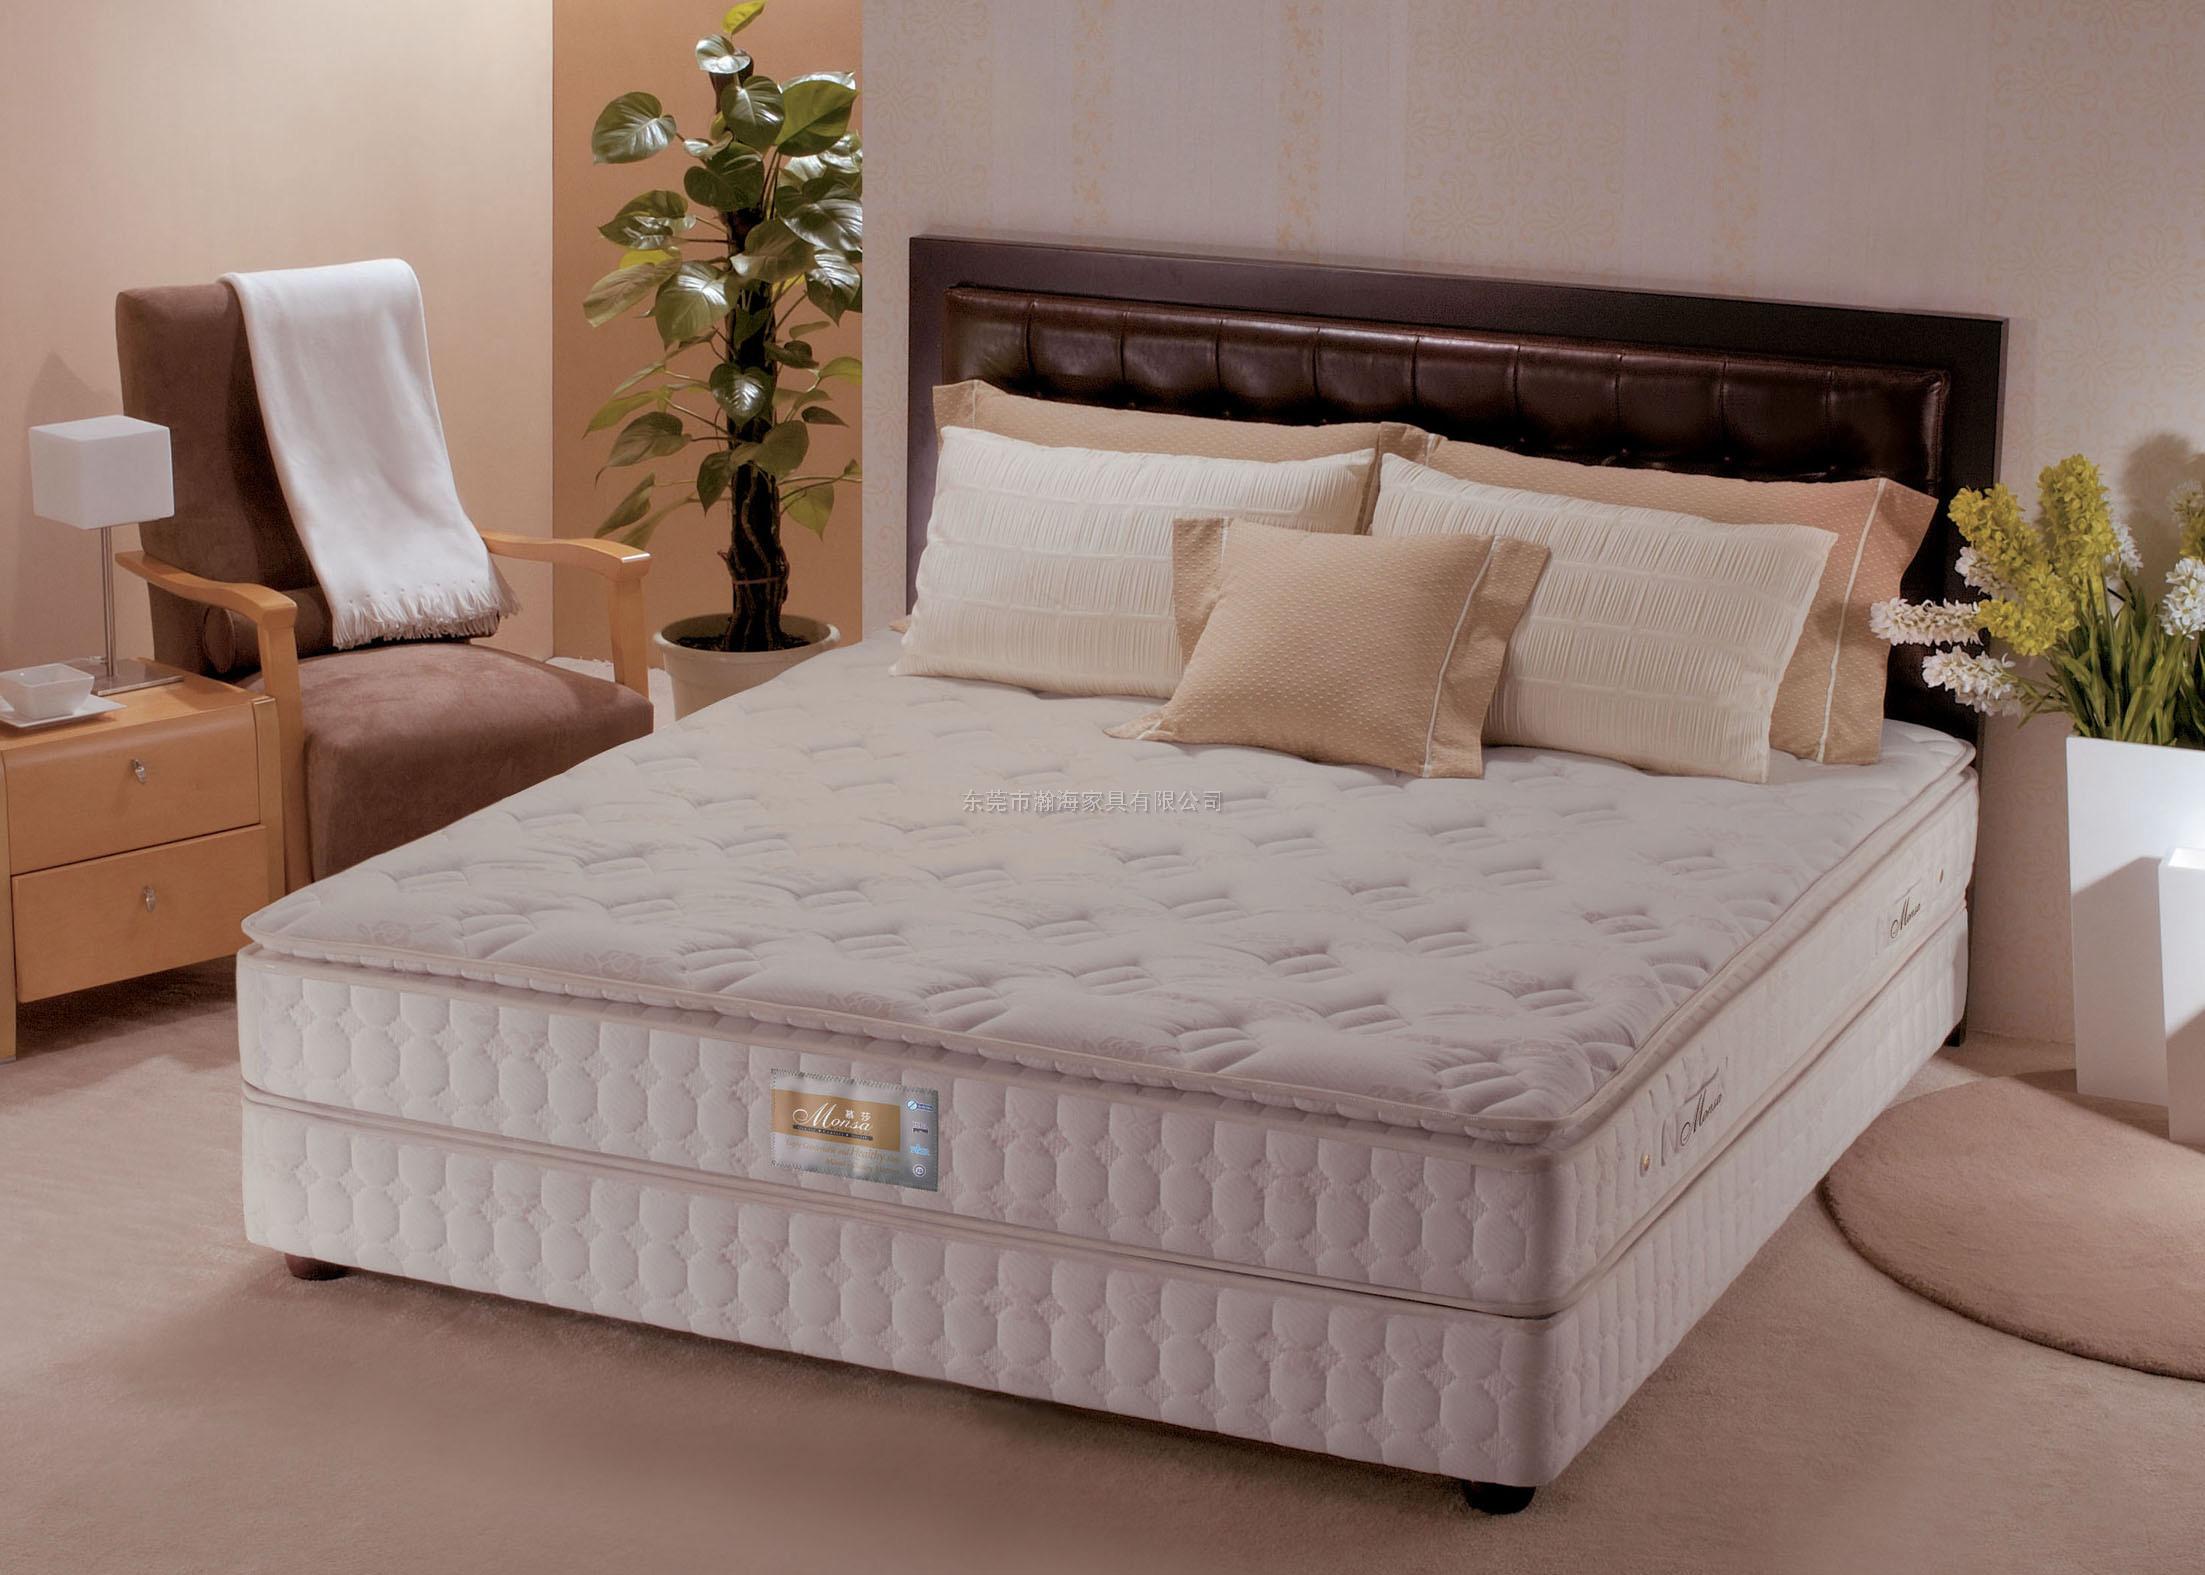 床 床垫 家居 家具 卧室 装修 2205_1575